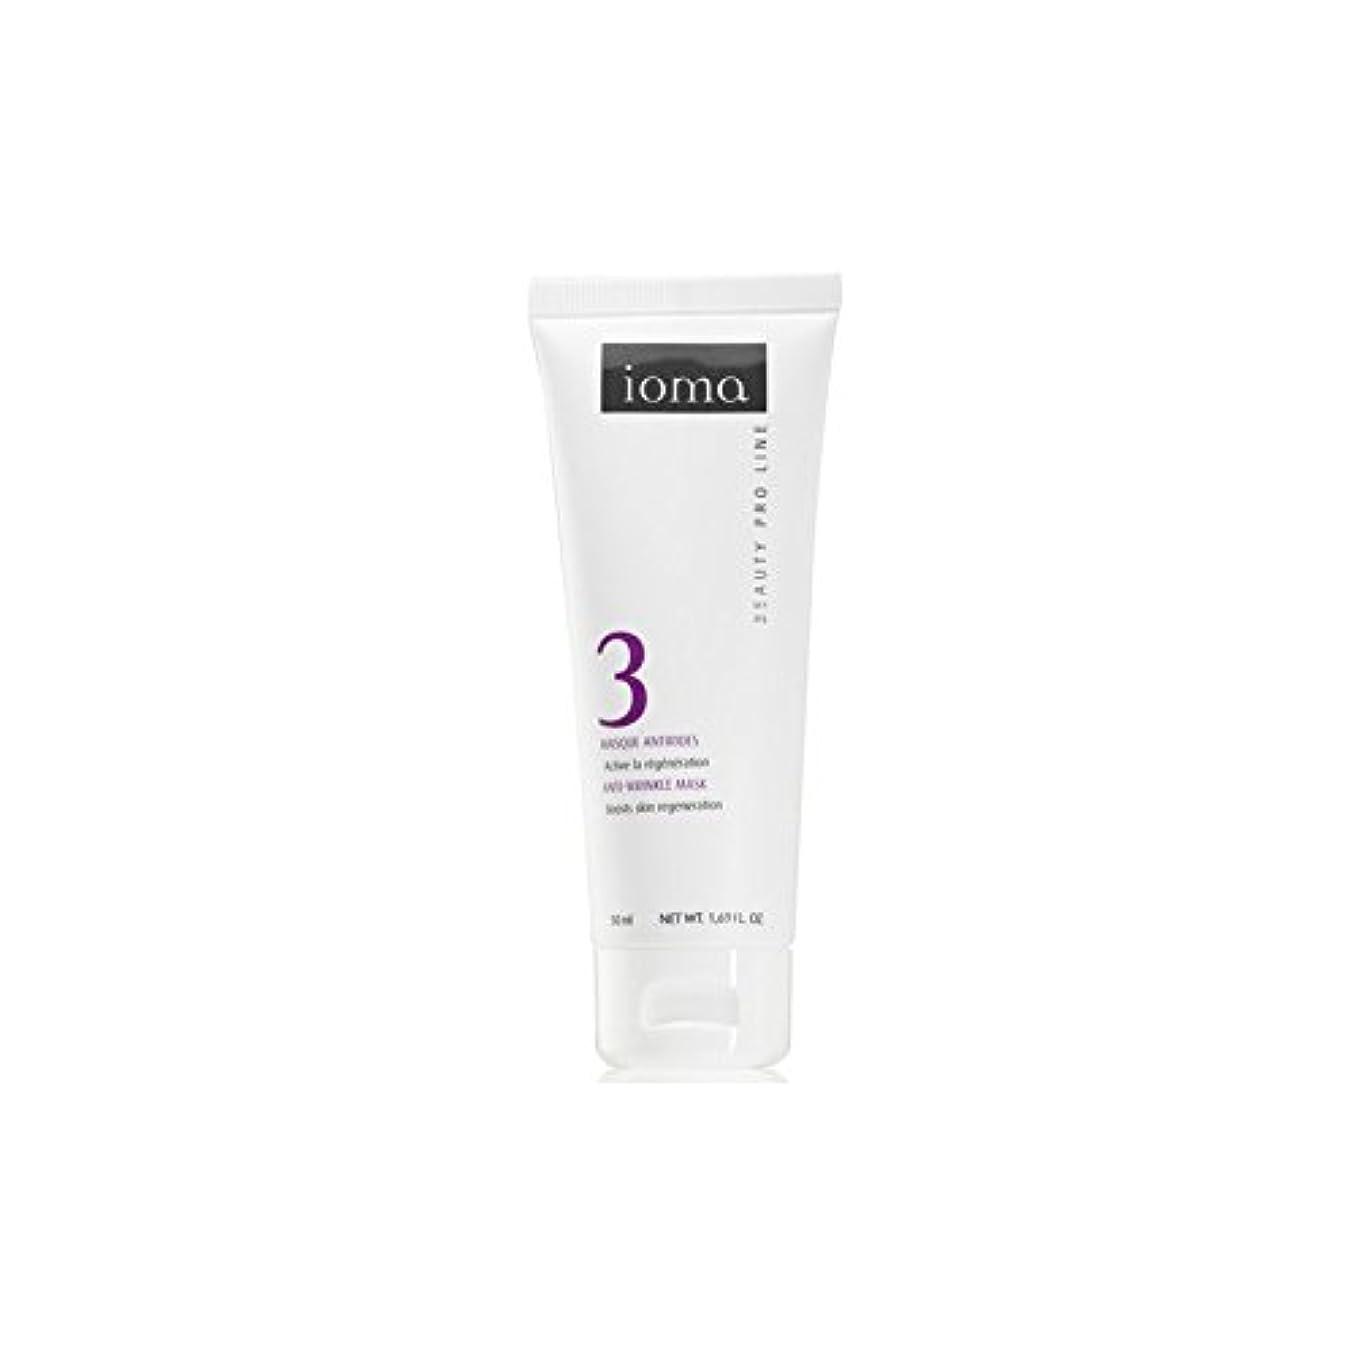 強化豊富な黒くするIoma Anti-Wrinkle Mask 50ml (Pack of 6) - 抗しわマスク50ミリリットル x6 [並行輸入品]